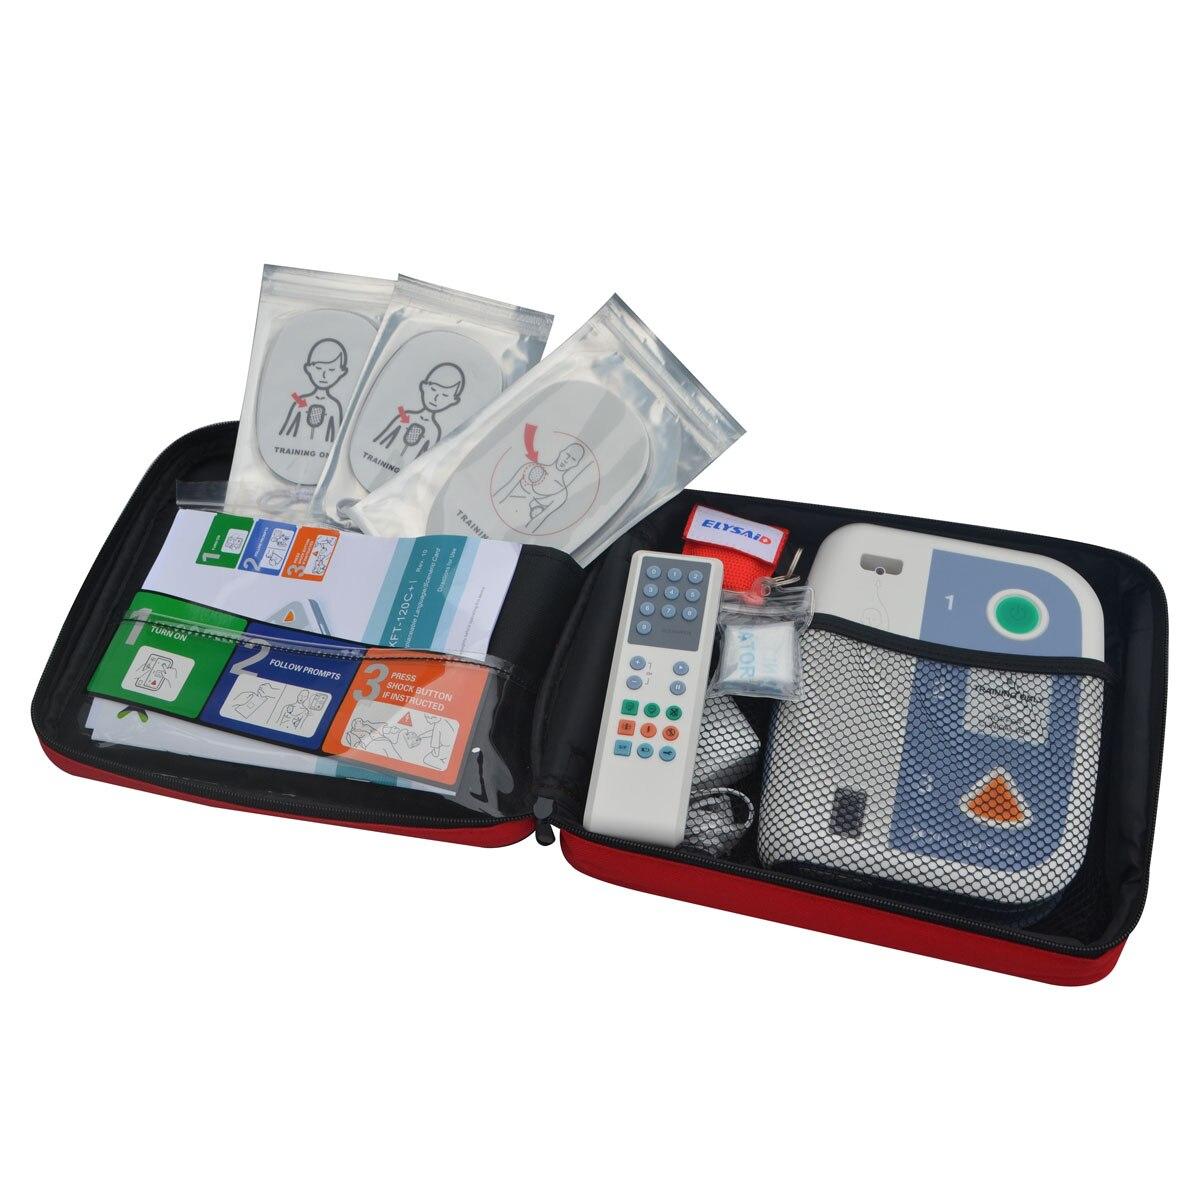 Entrenador de emergencia AED/desfibrilador de simulación + 2 uds CPR para uso de entrenamiento Unidad Clínica AED Dispositivo de primeros auxilios portugués en SA